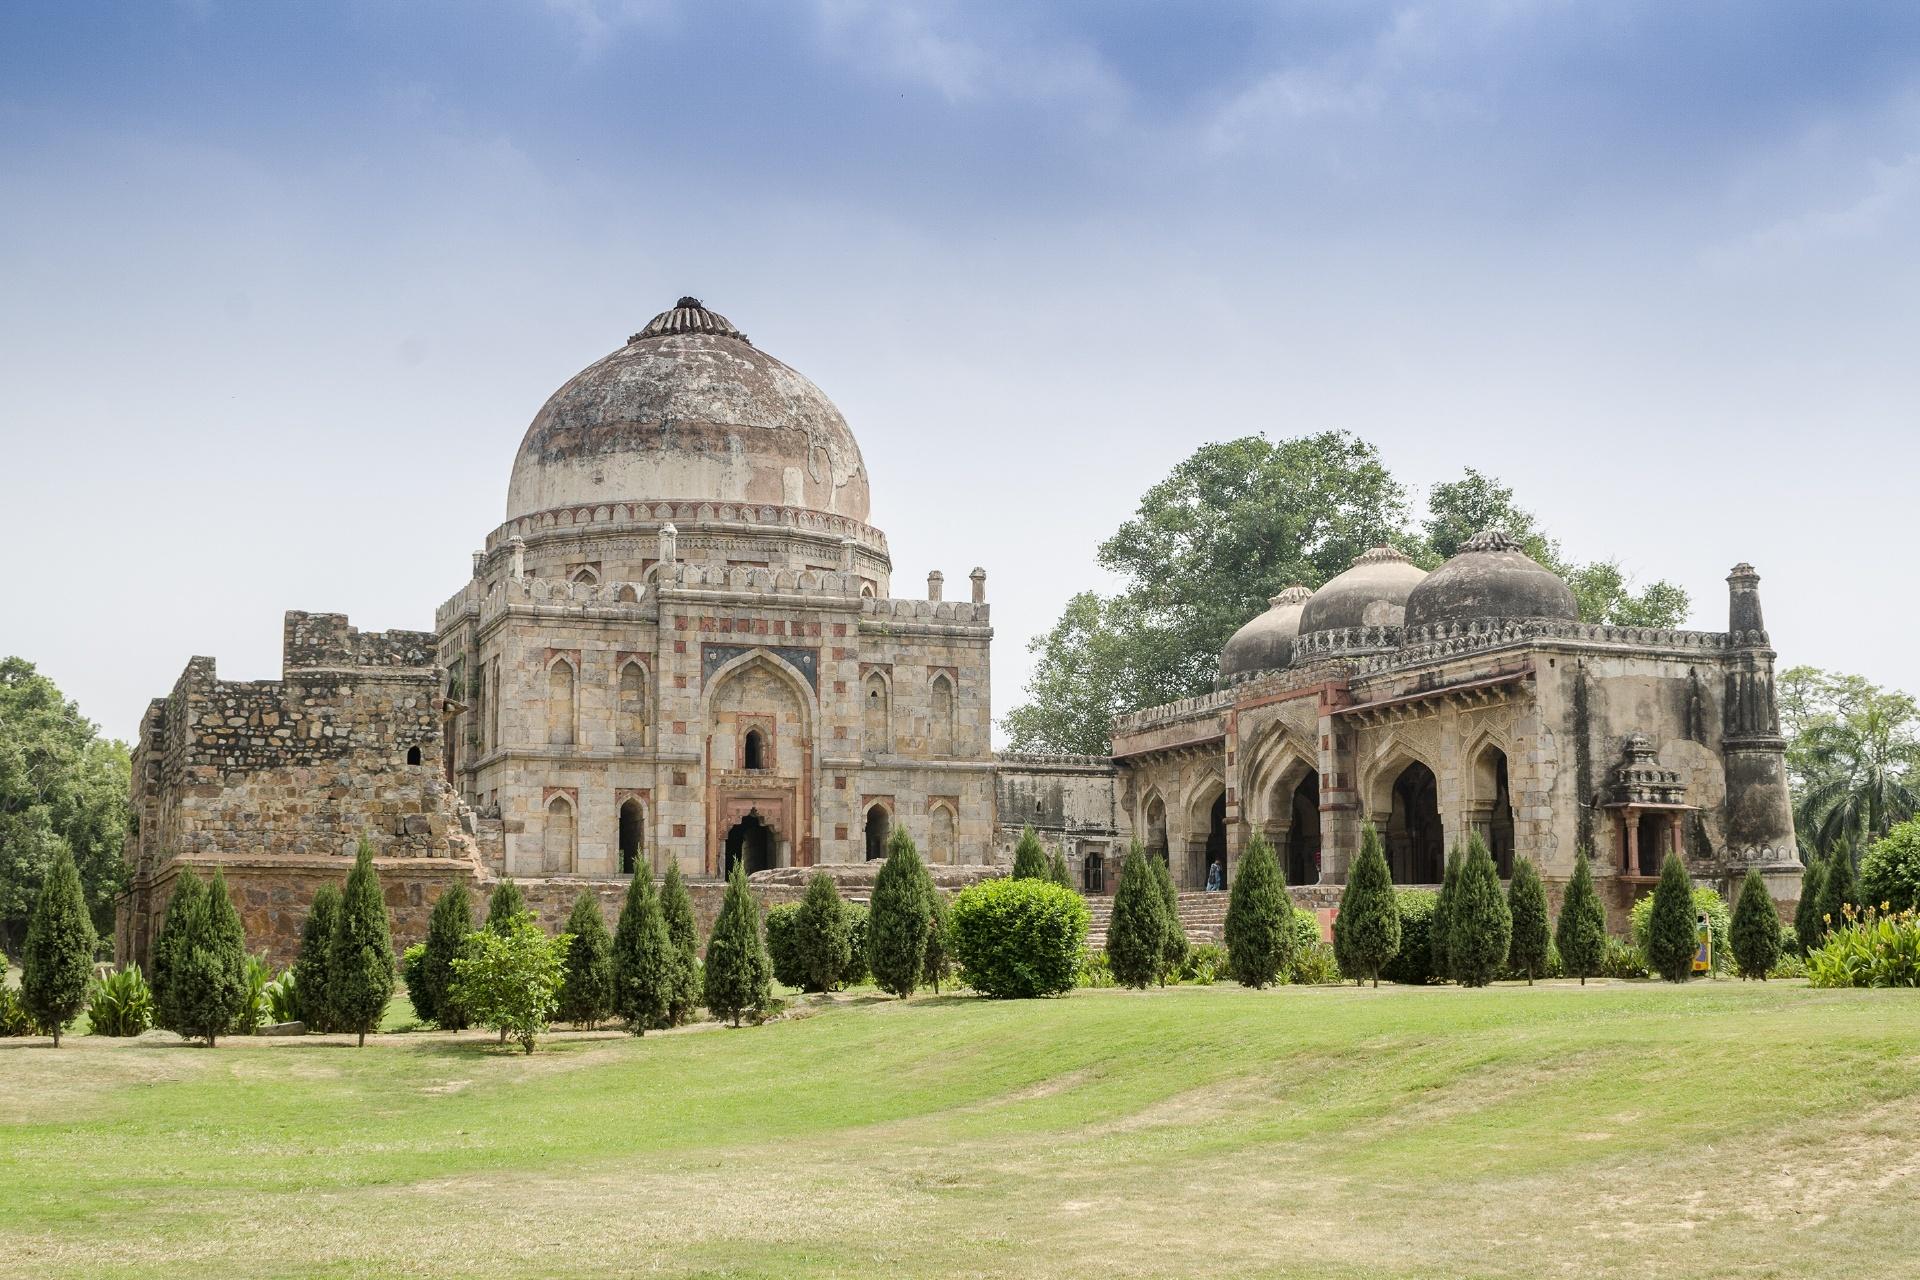 ローディー・ガーデン バラー・グンバド インドの風景